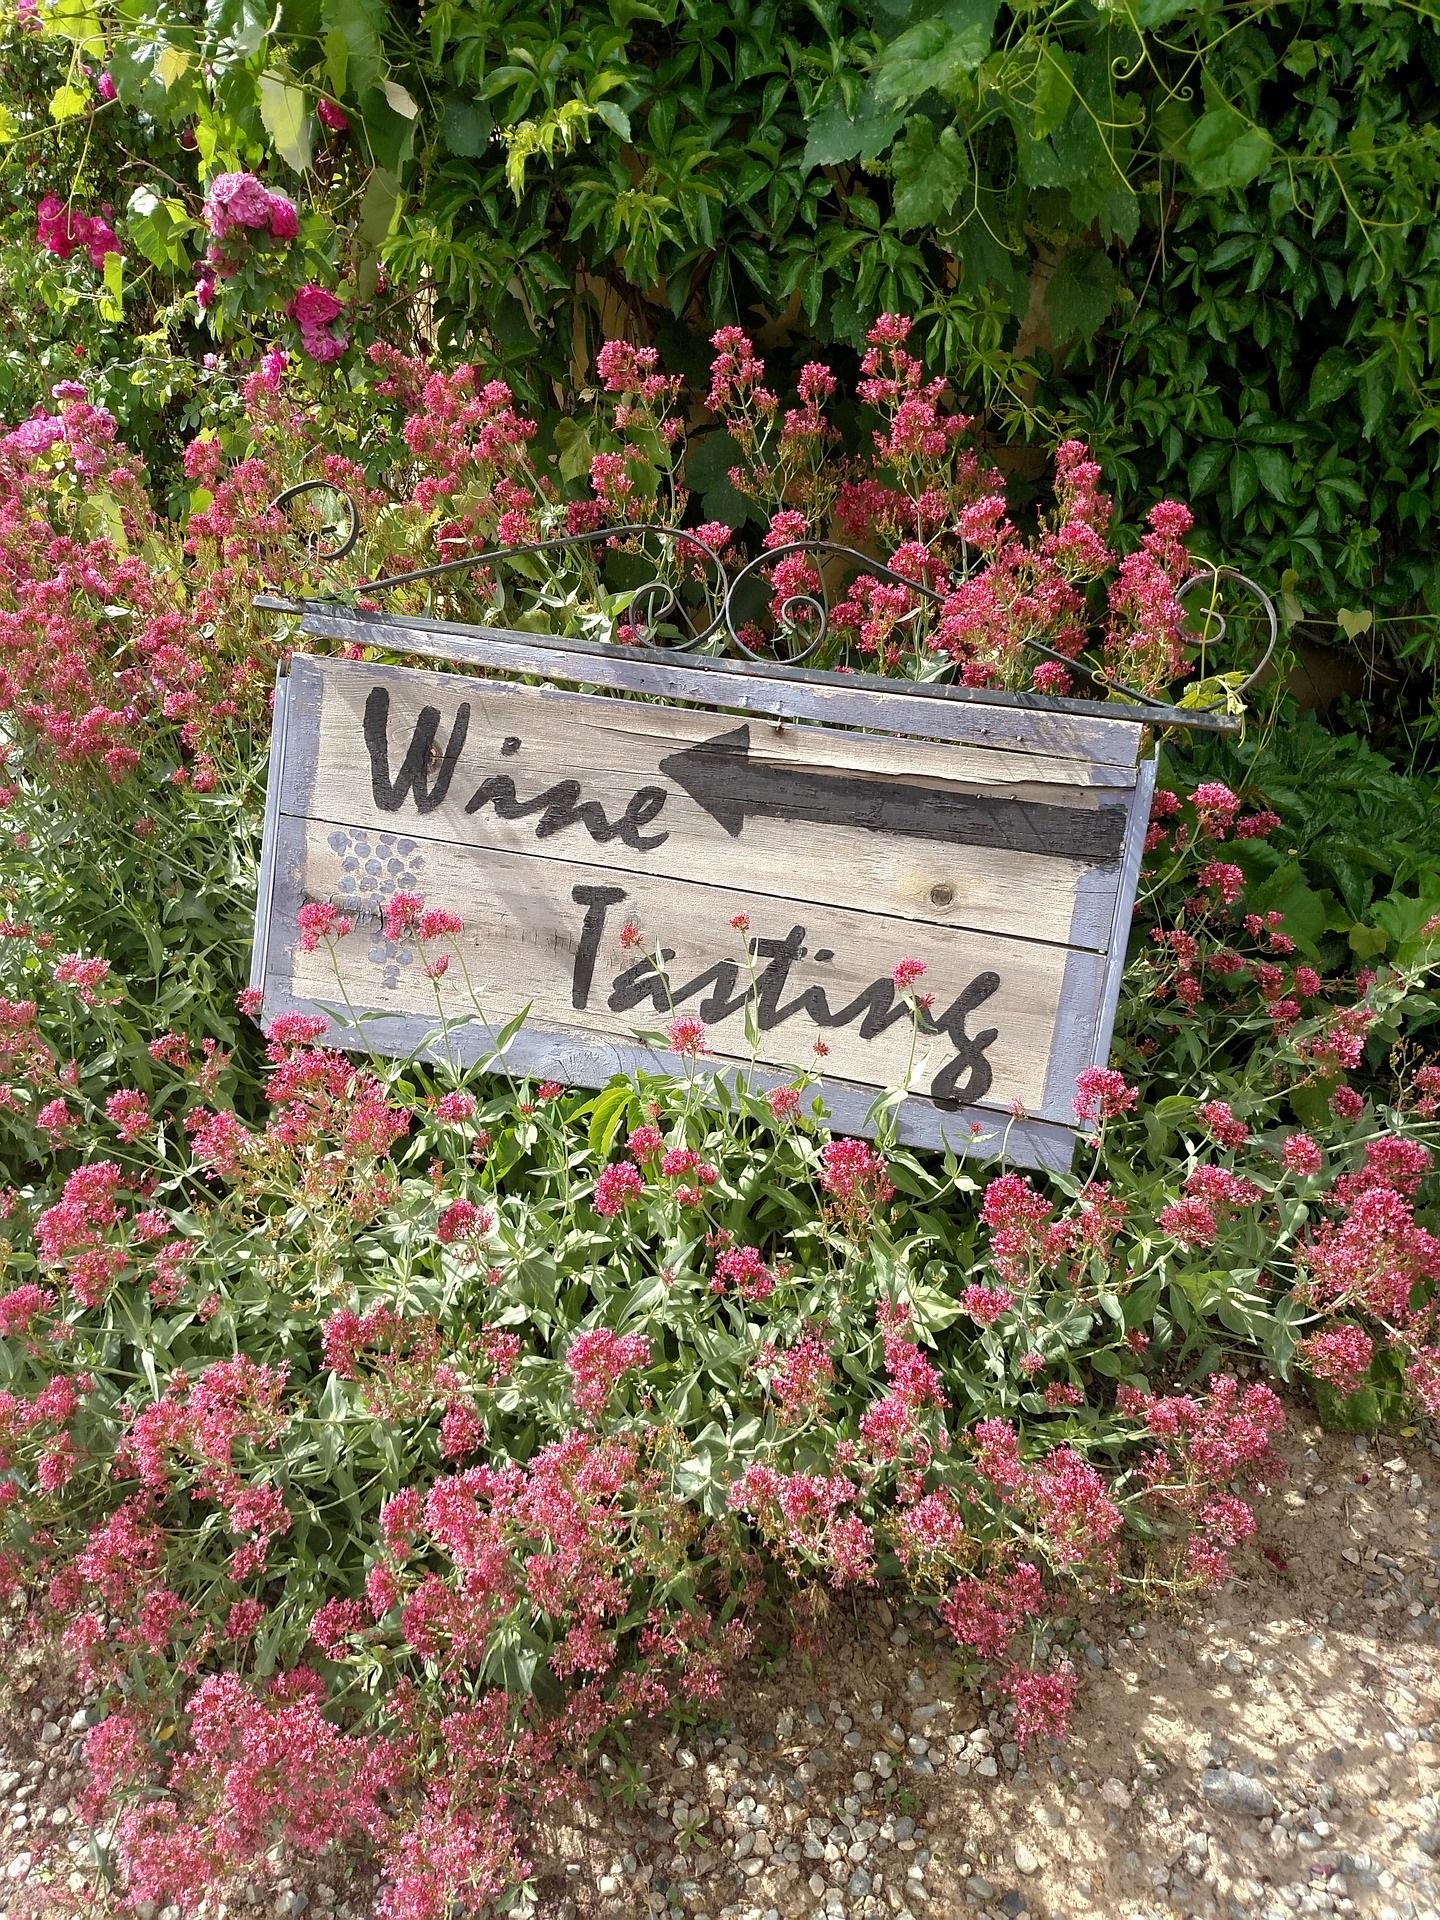 vineyard-1450527_1920.jpg